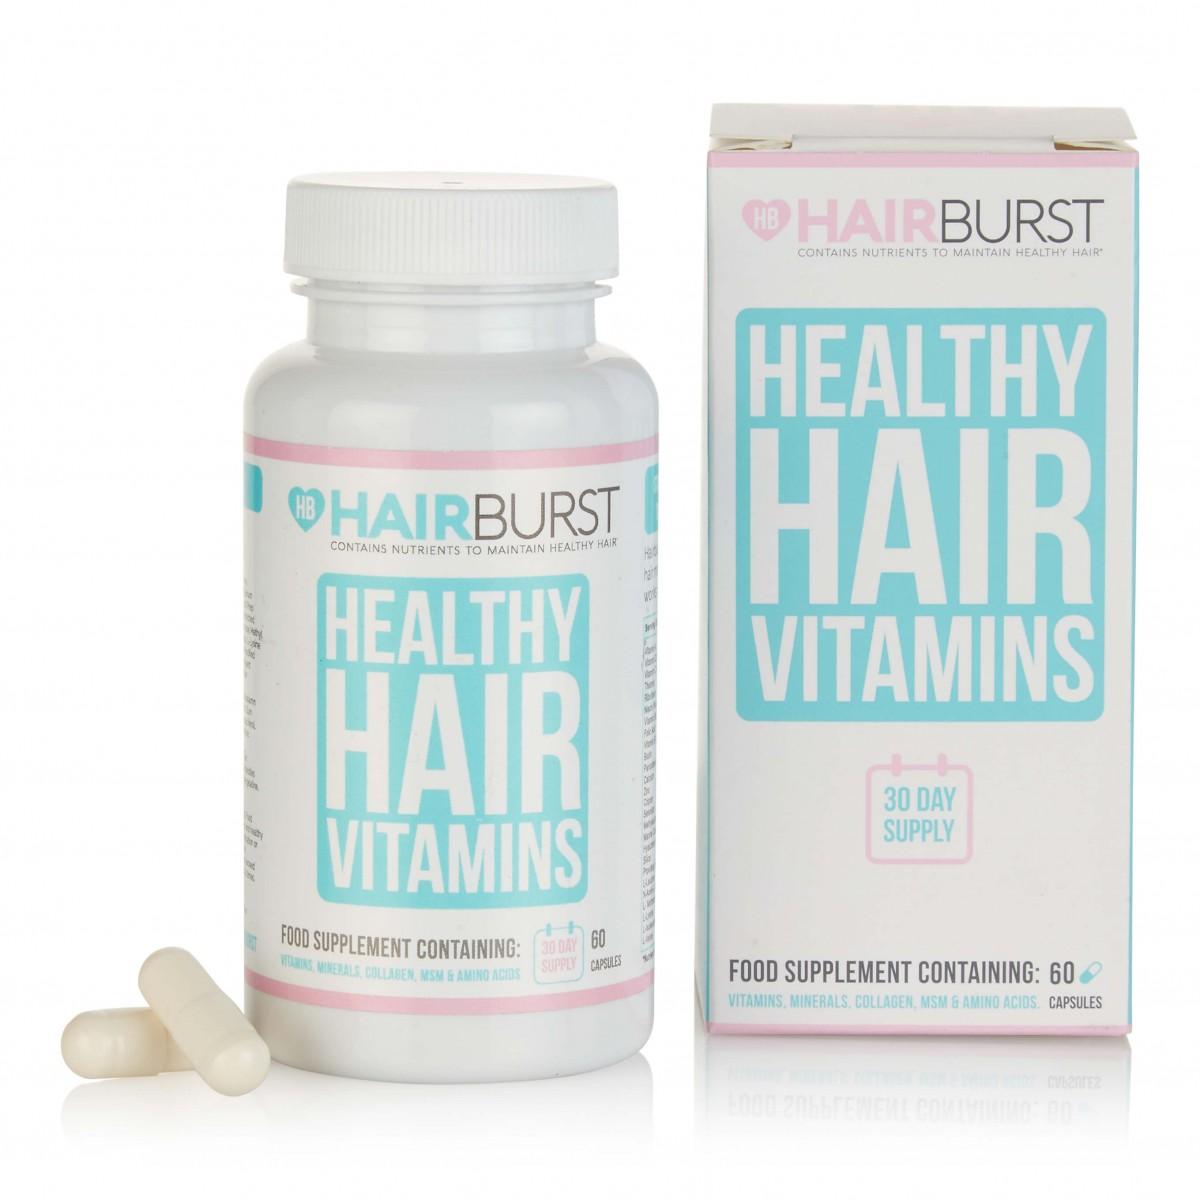 كبسولات HAIRBURST هيربرست لإطالة وتغذية الشعر